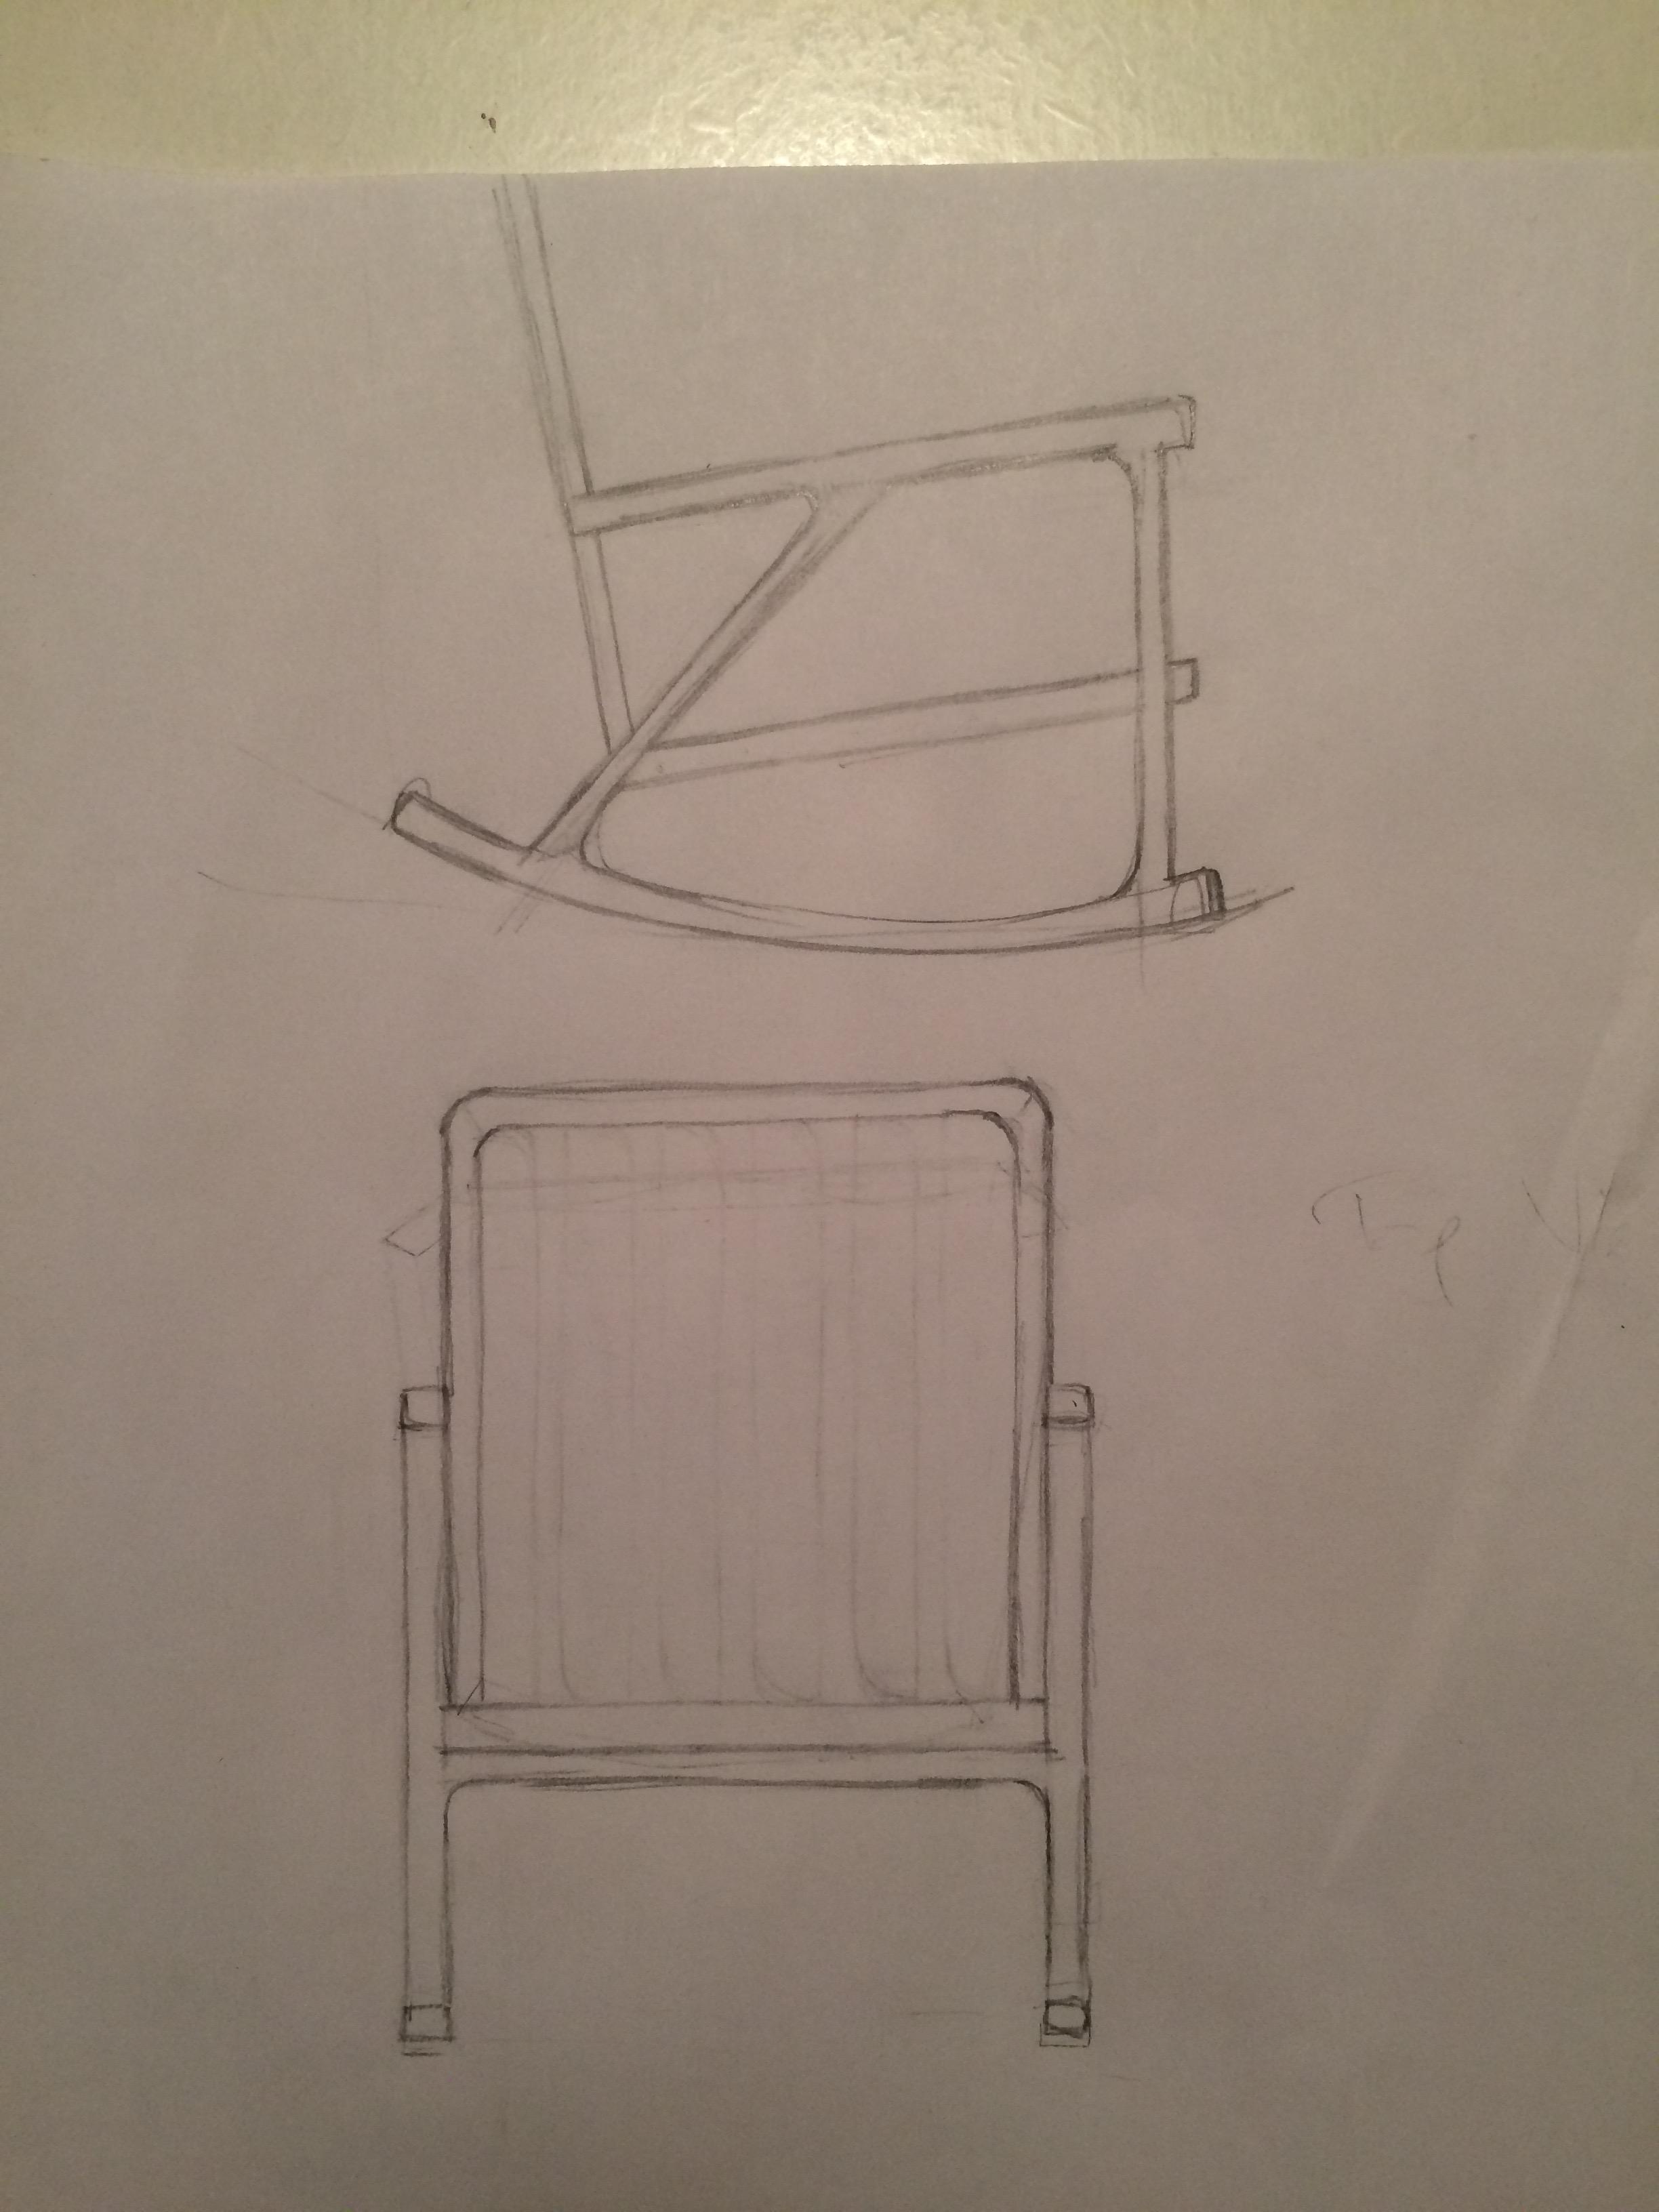 Finalised sketch design